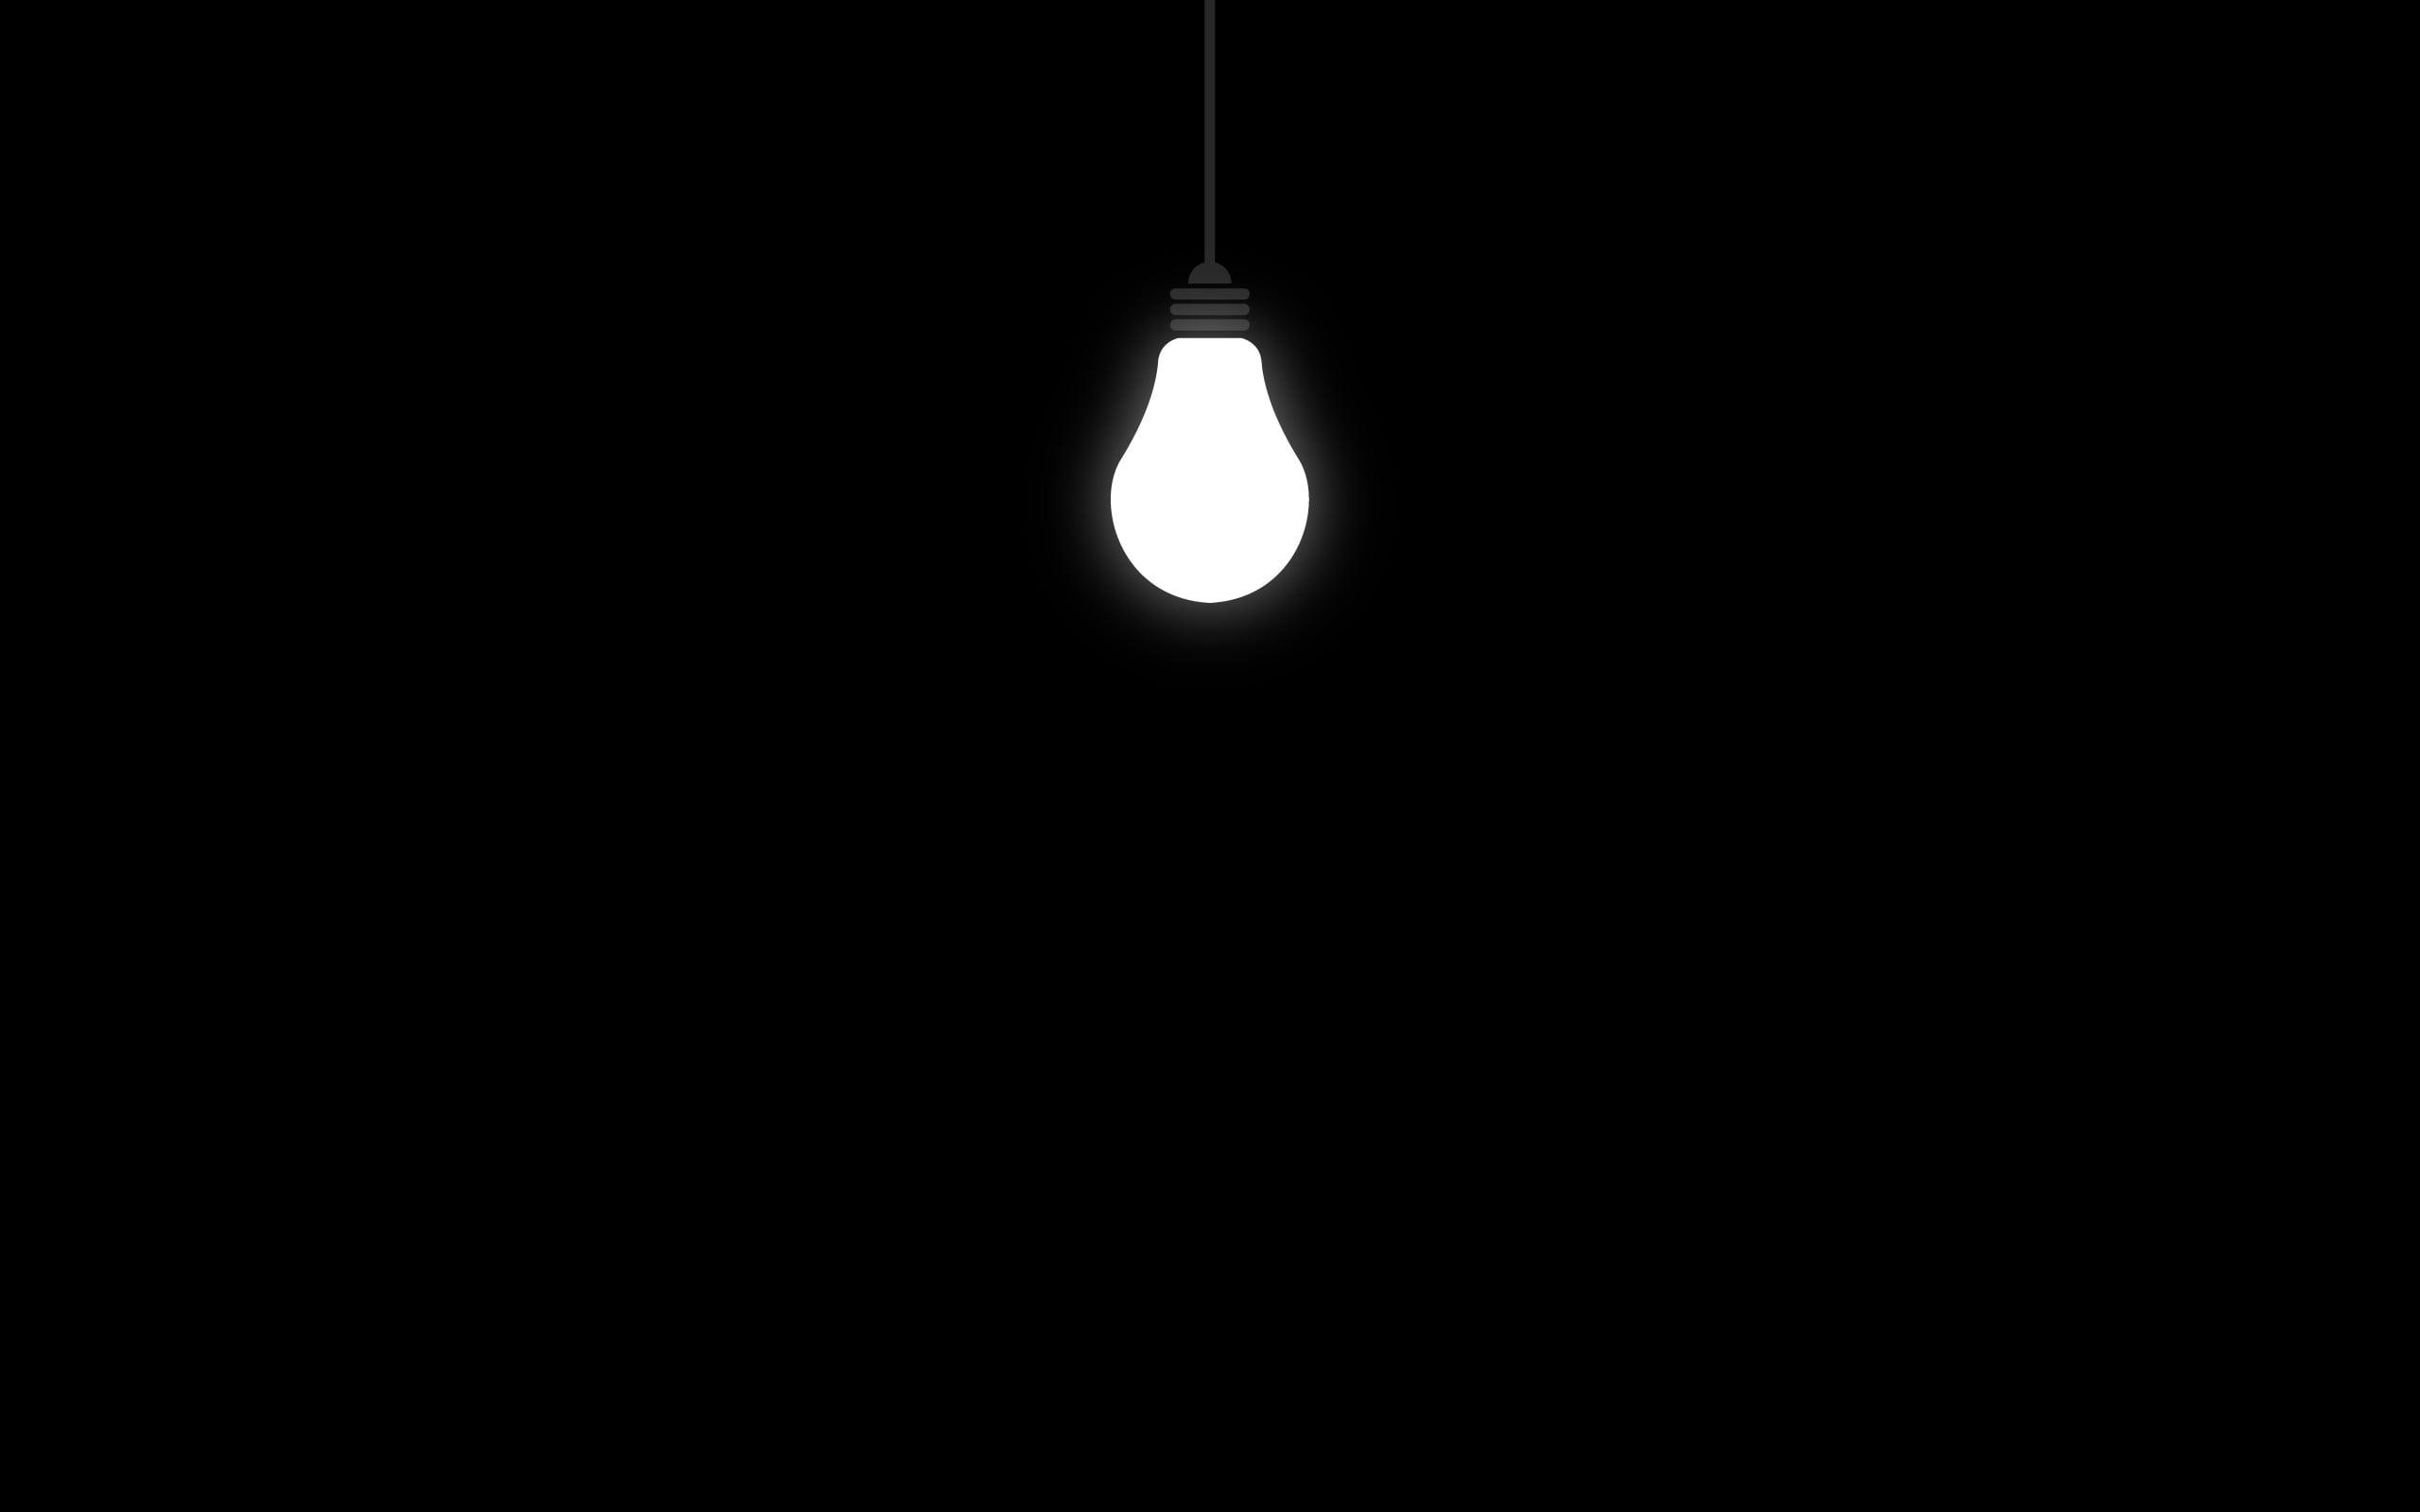 ảnh bóng đèn